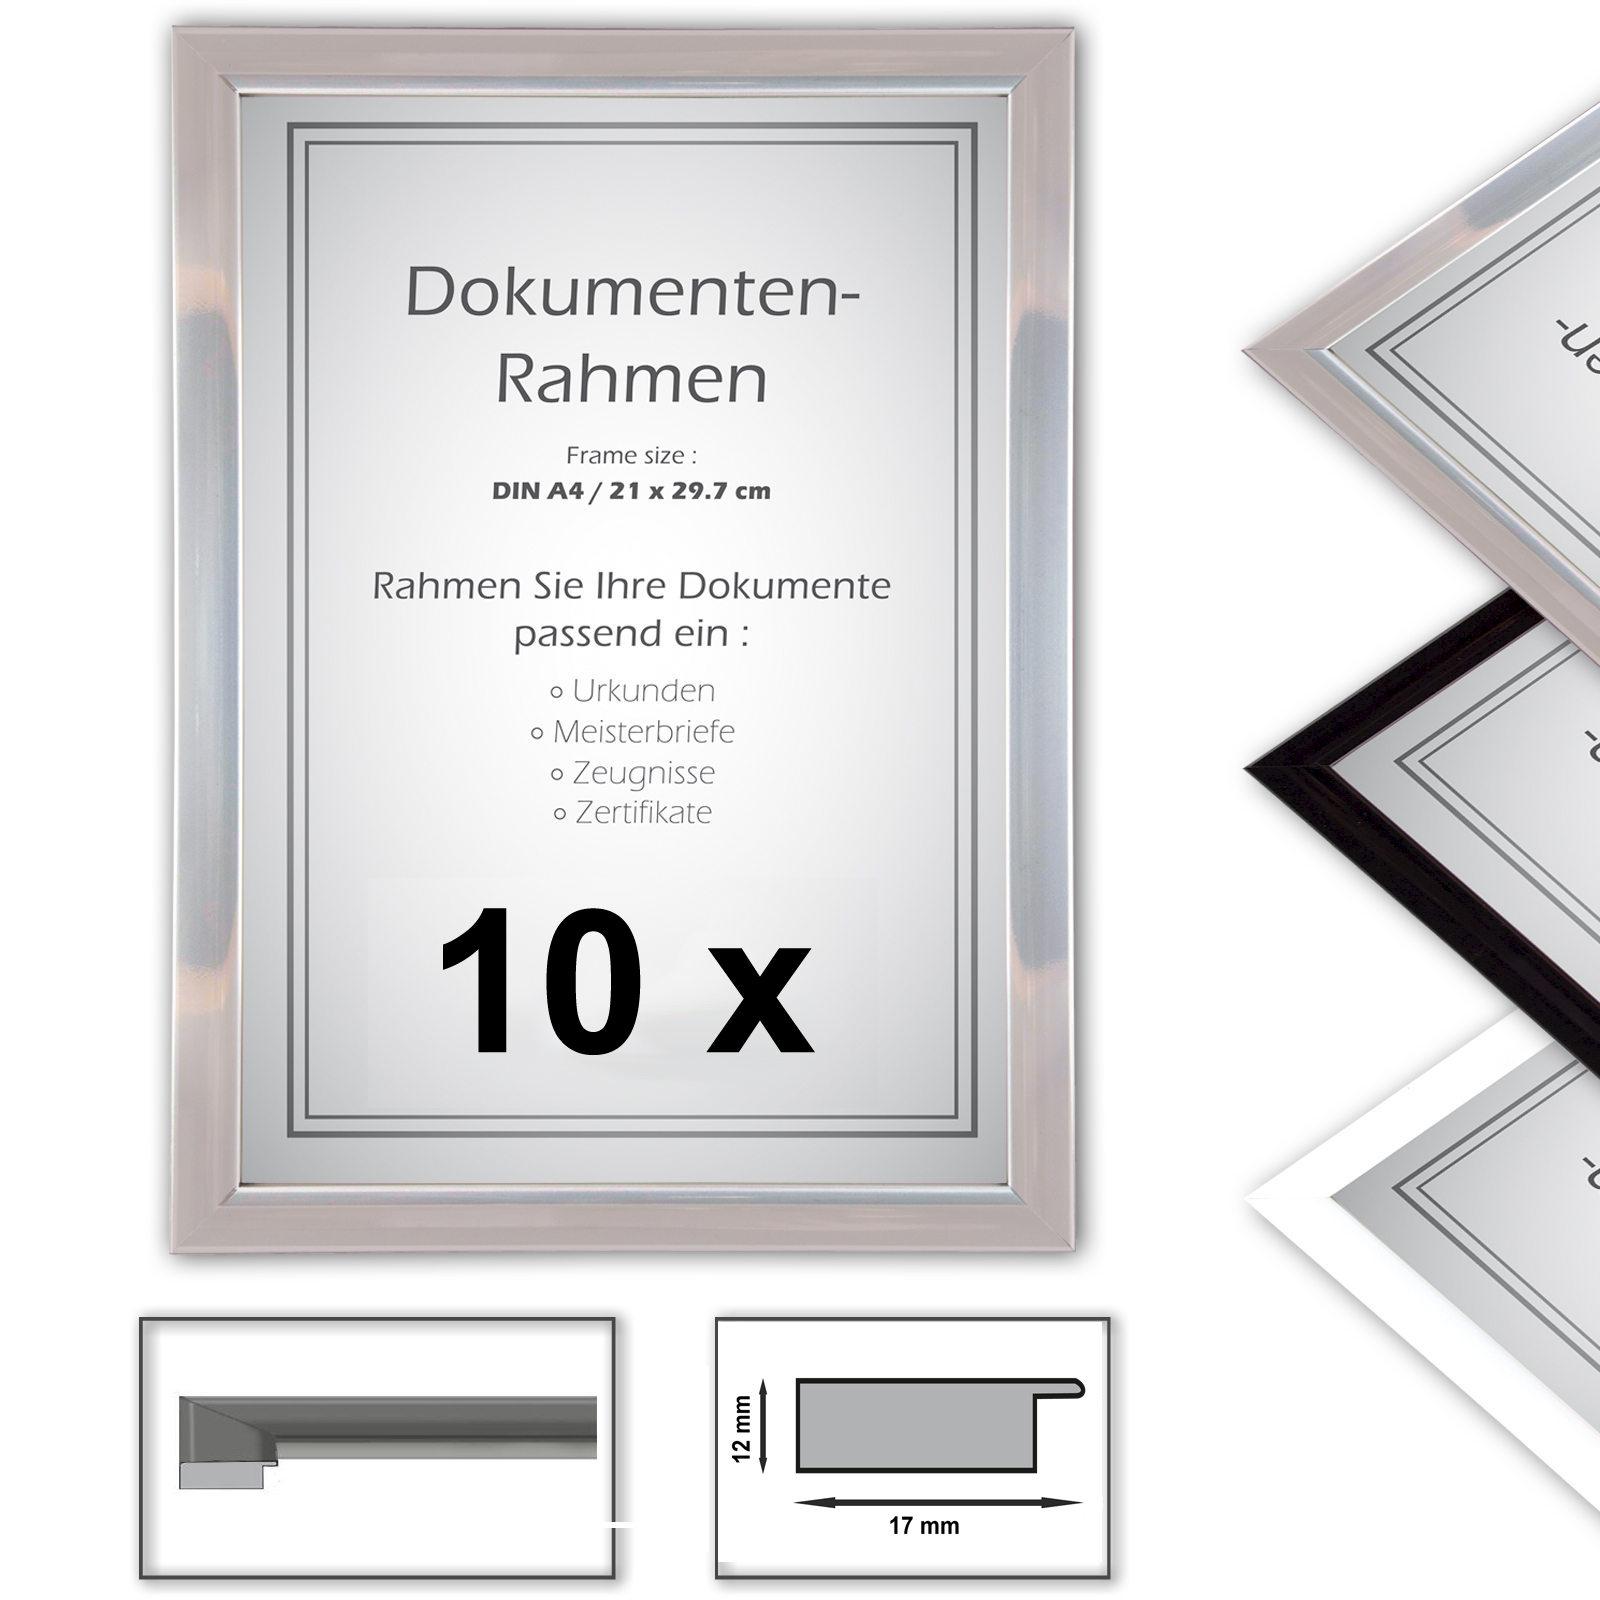 10 x urkundenrahmen din a4 21x29 7 fotorahmen. Black Bedroom Furniture Sets. Home Design Ideas